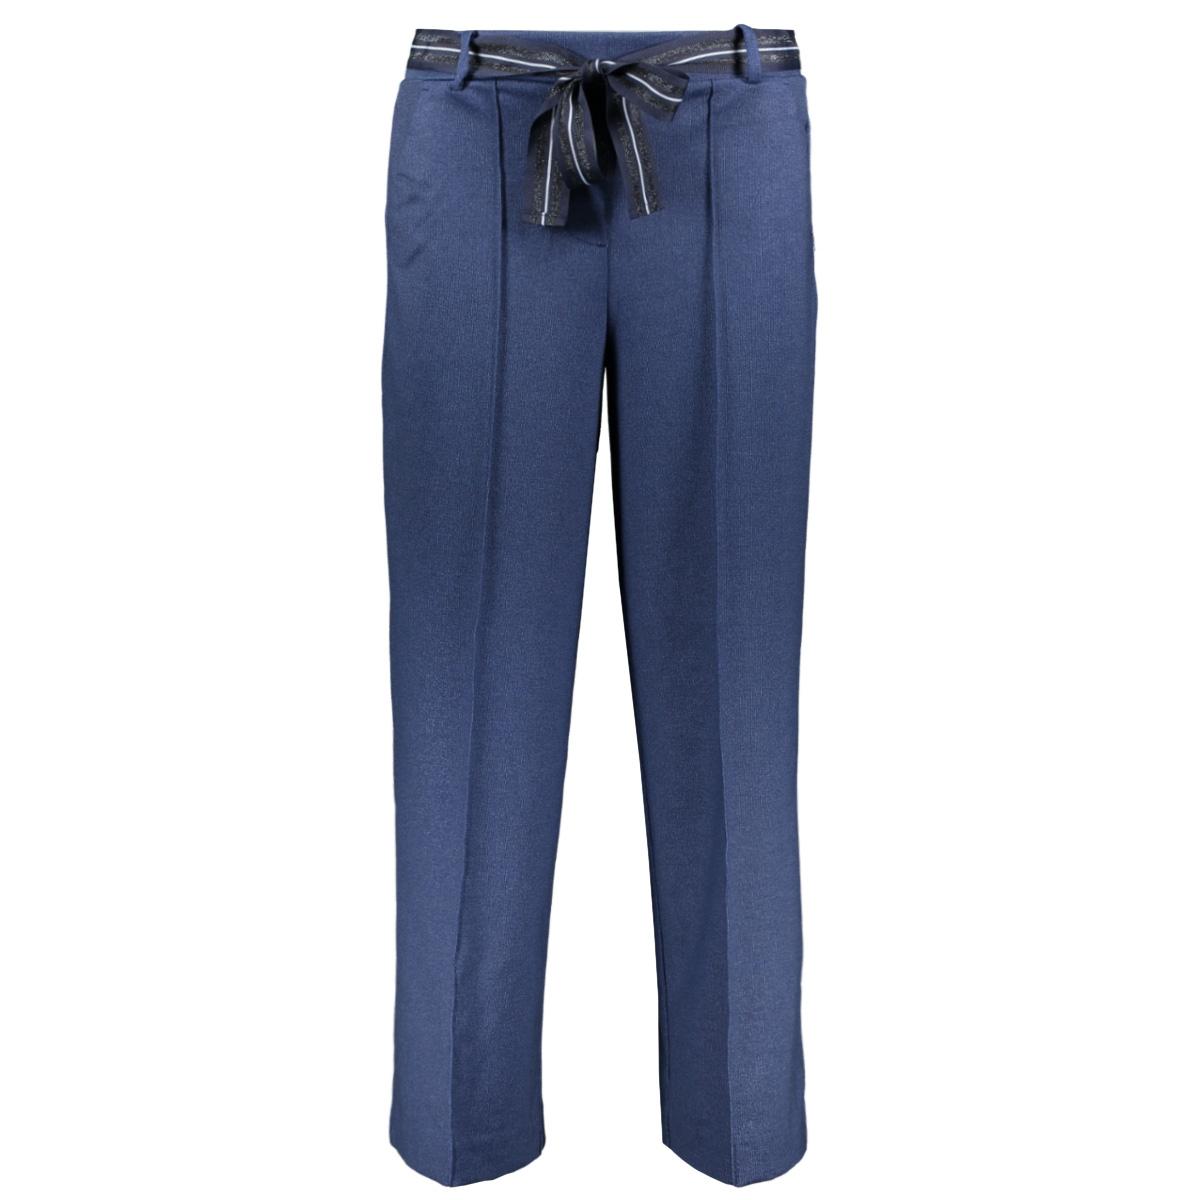 nice wide trouser 24001626 sandwich broek 40094 blue denim